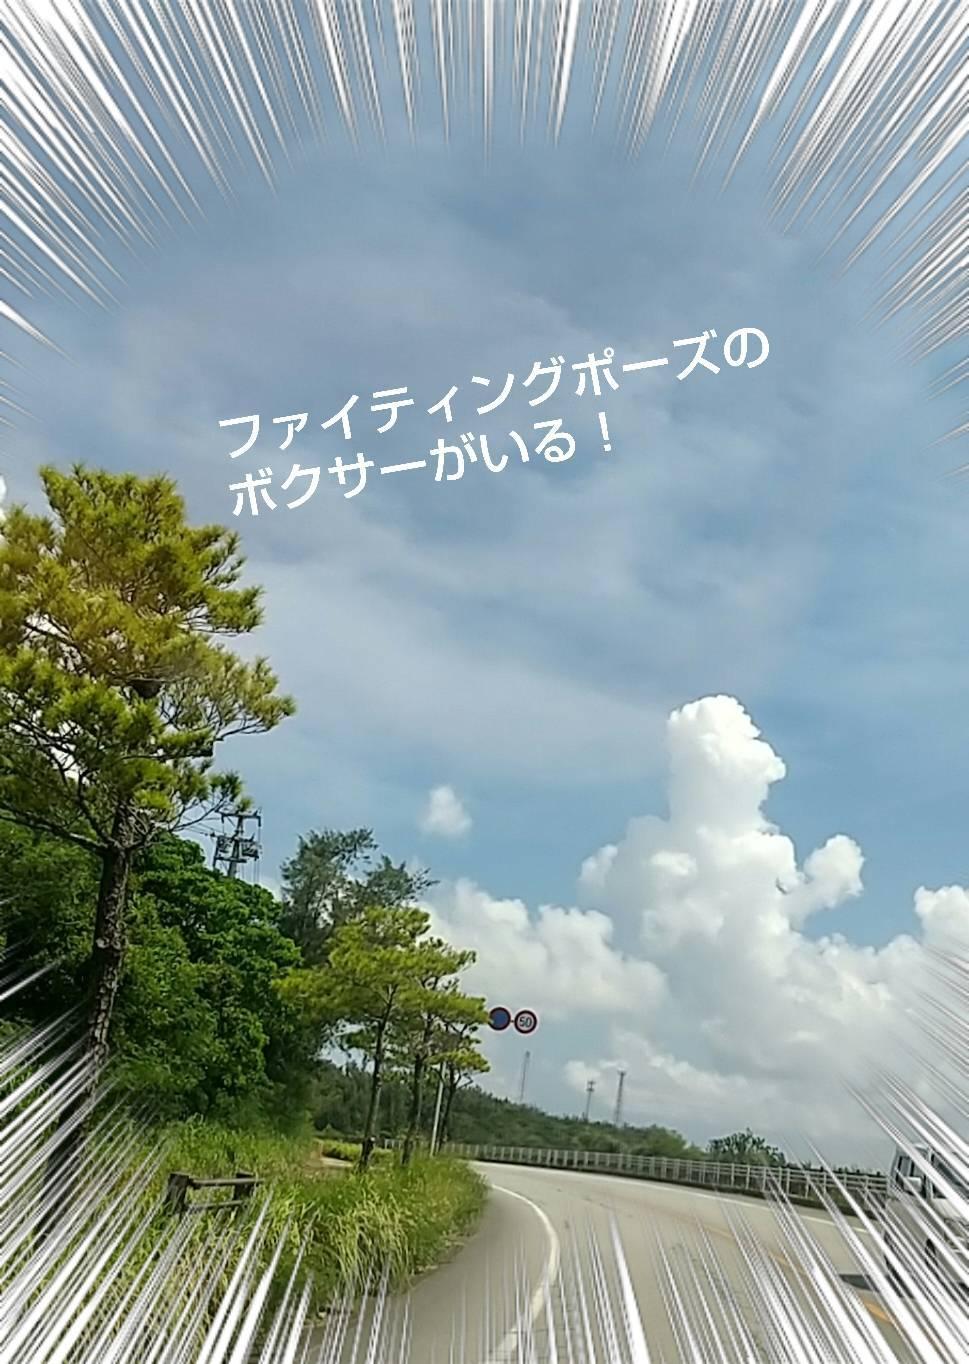 家守シーサー♪_e0251855_18535581.jpg